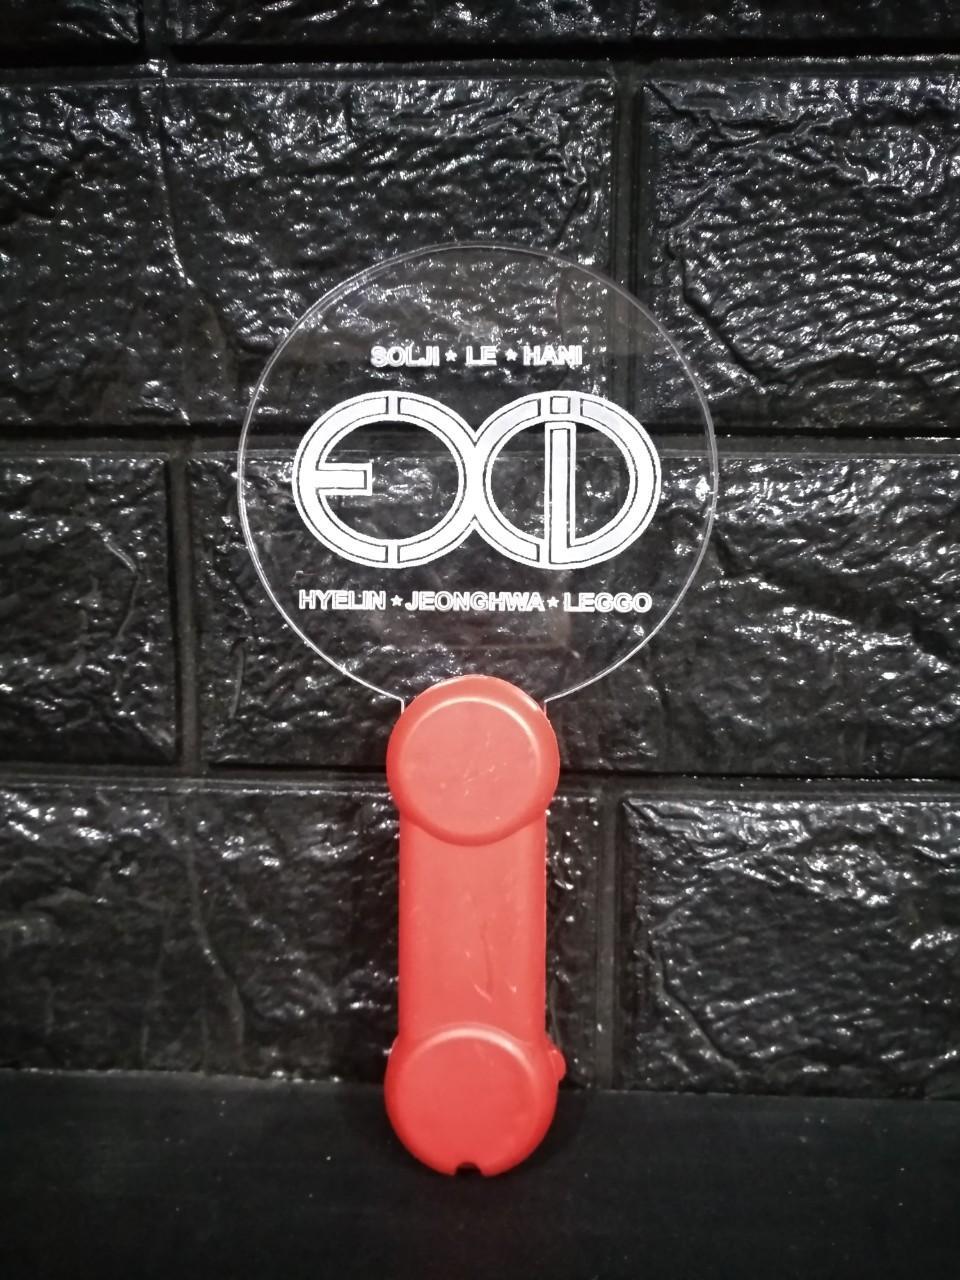 Lightstick EXID bản mỏng gậy cổ vũ ánh sáng hòa nhạc phát sáng nhóm nhạc idol Hàn quốc tặng ảnh